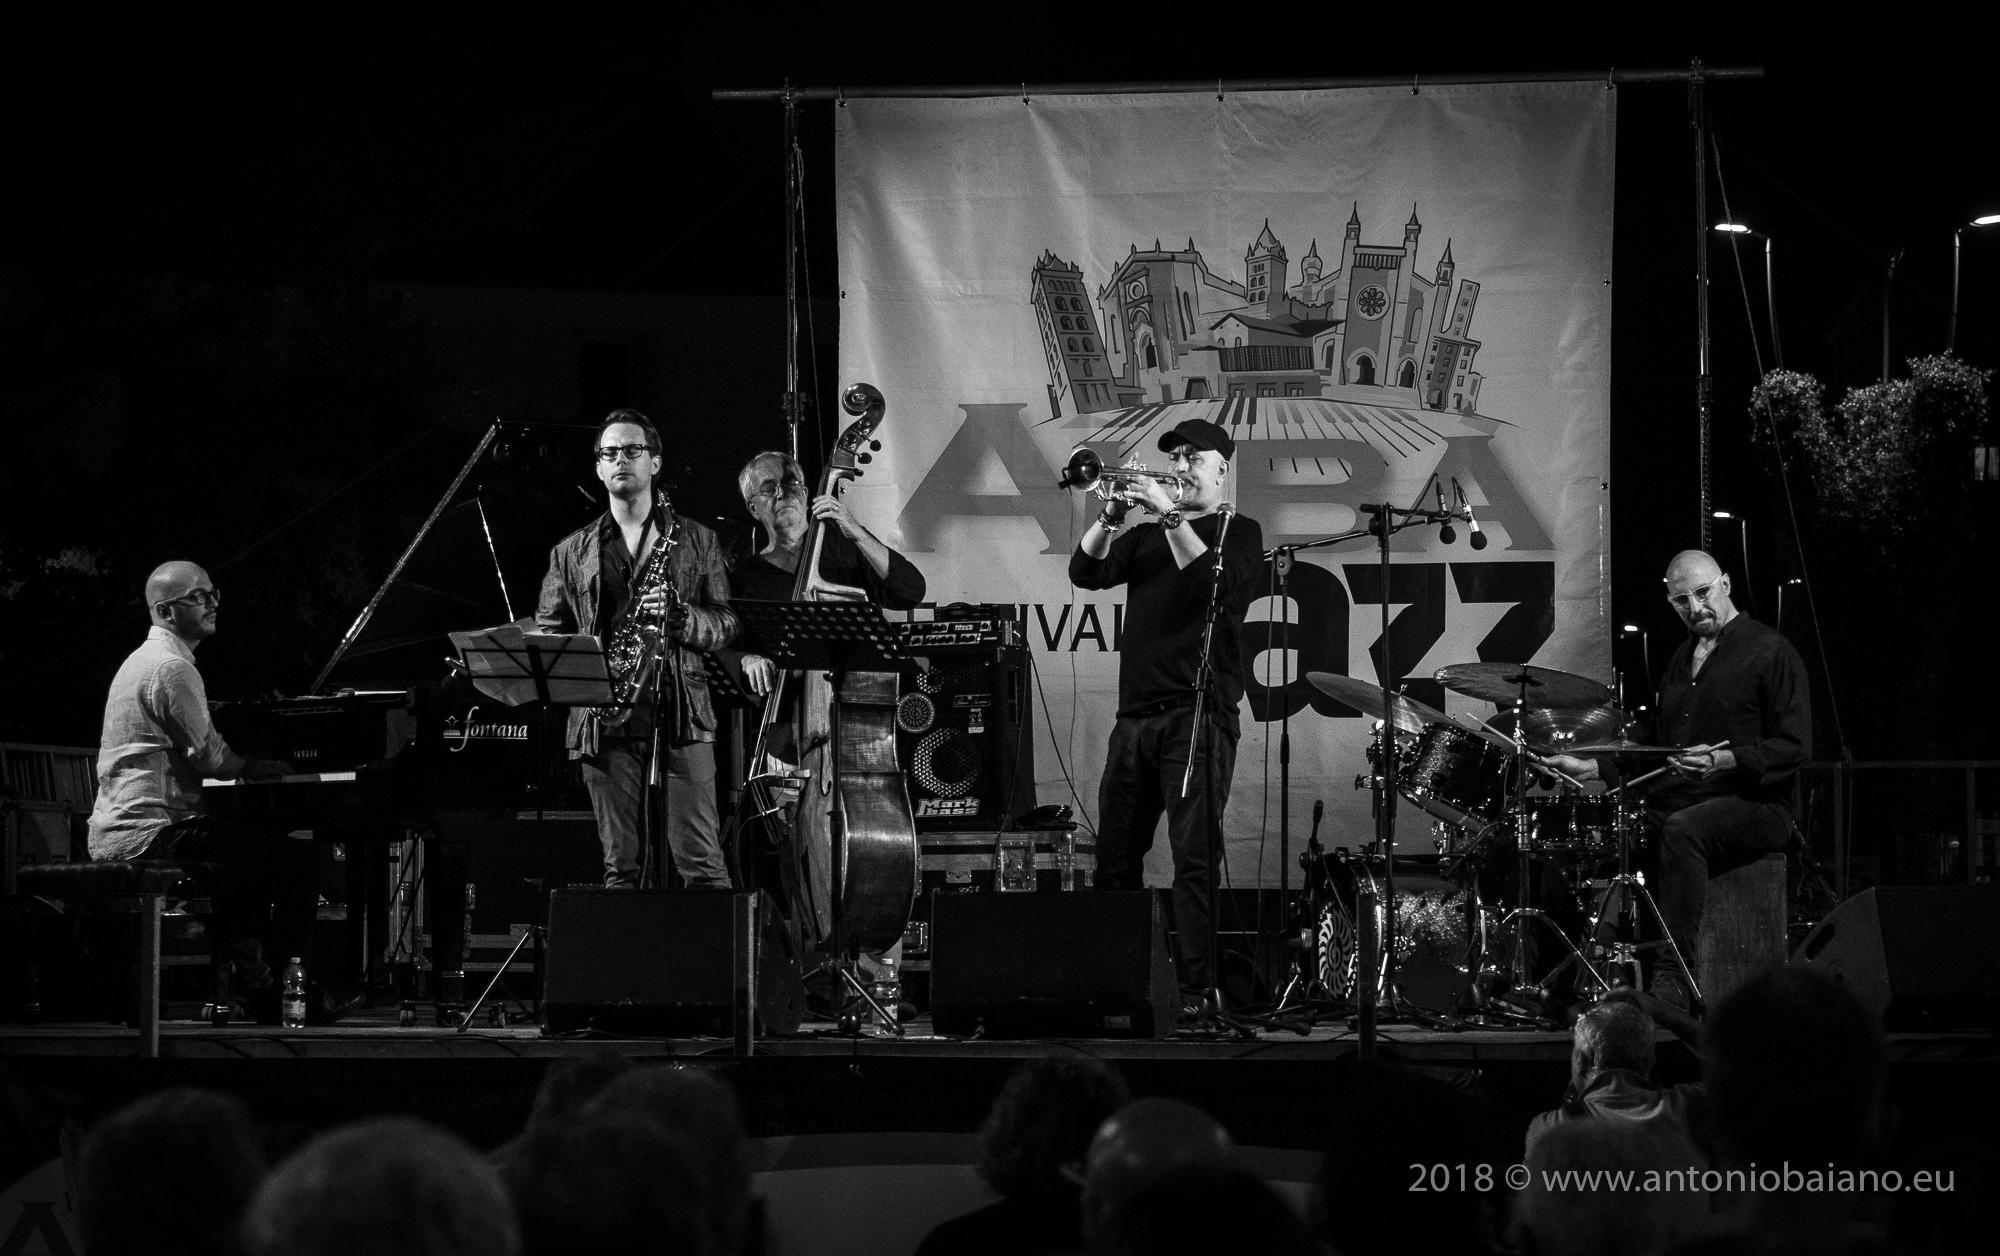 Alba Jazz Festival All Stars